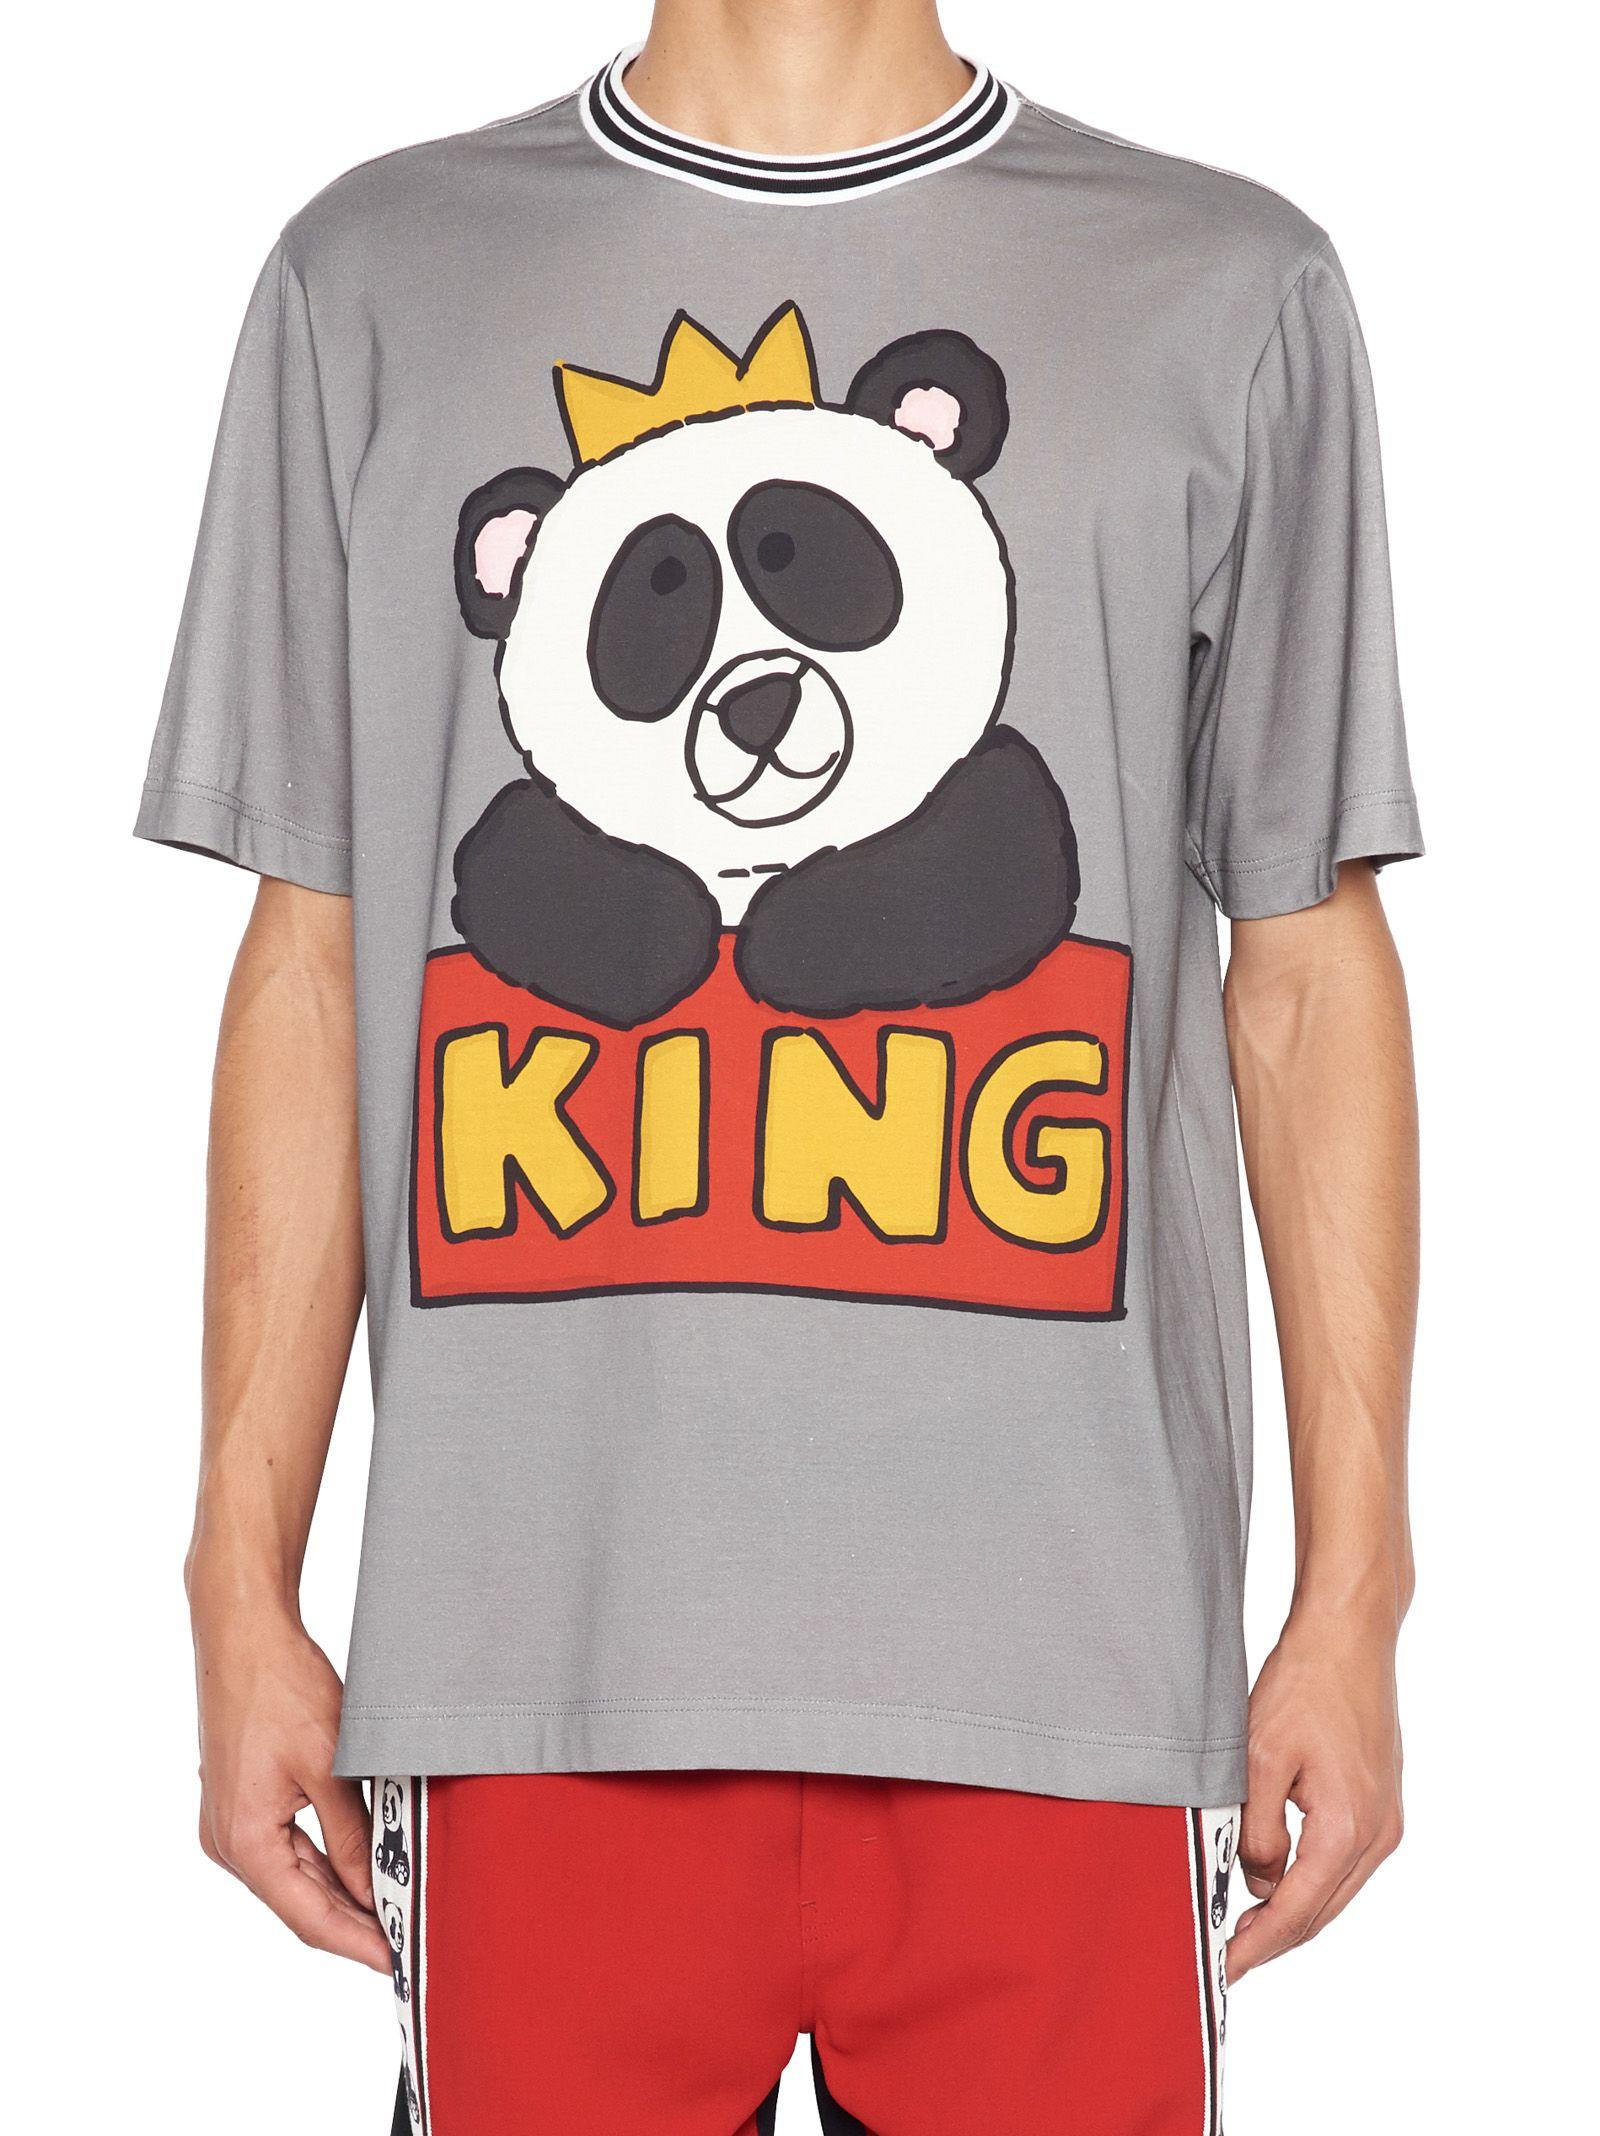 986ff1ee0d Dolce & Gabbana Dolce & Gabbana 'panda King' T-shirt - Grey ...